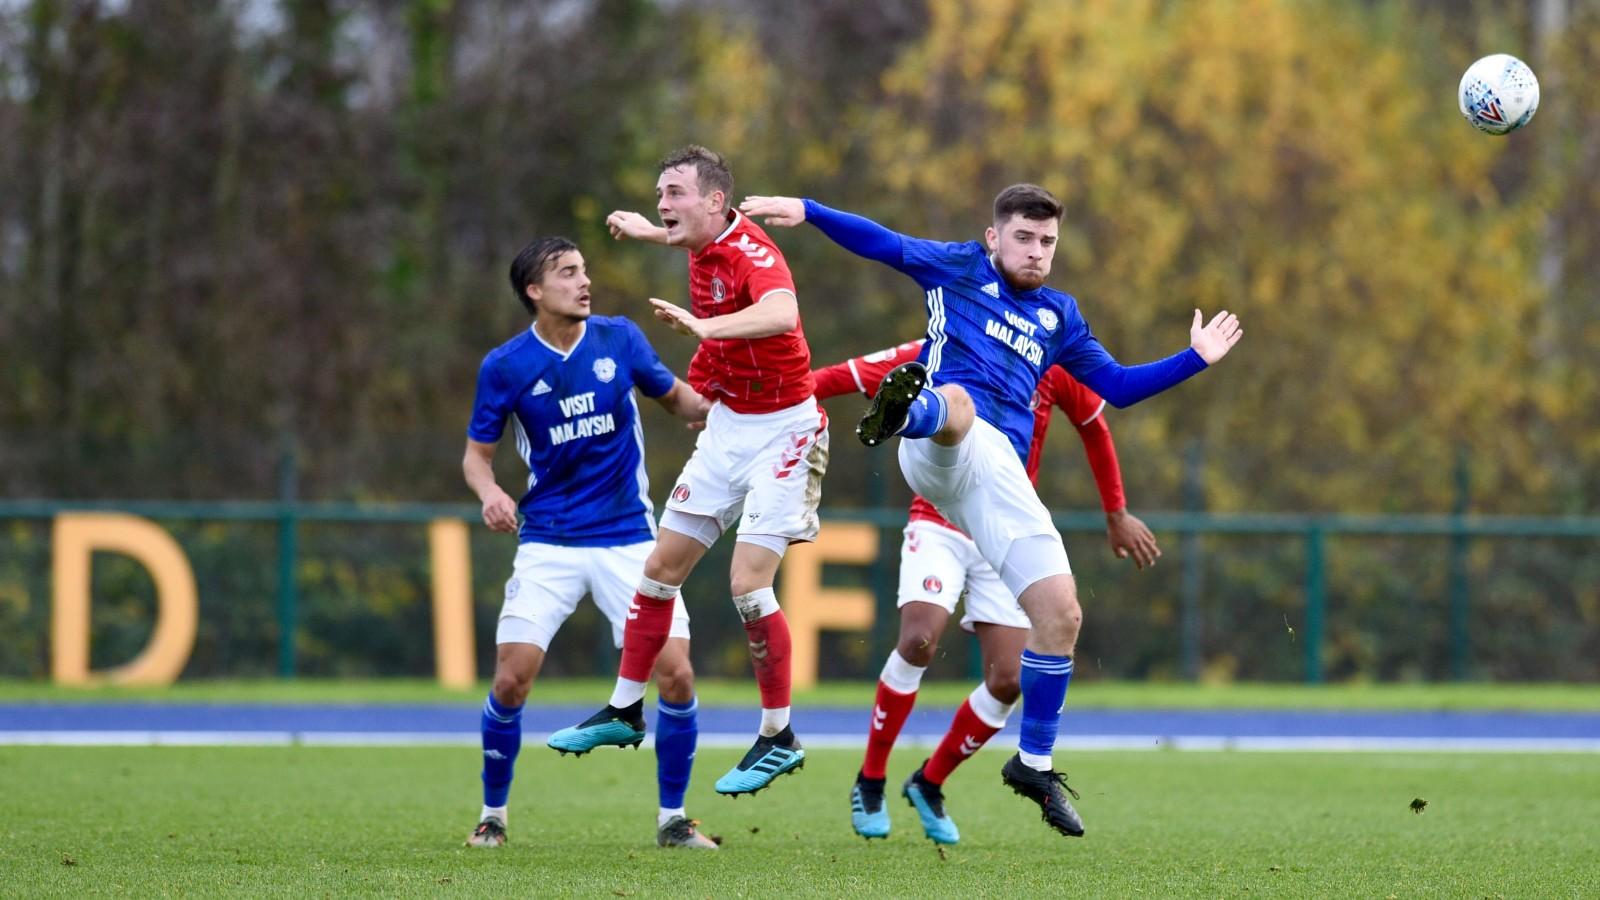 Nhận định Charlton U23 vs Cardiff U23, 20h00 ngày 17/2: Bám đuổi top 2